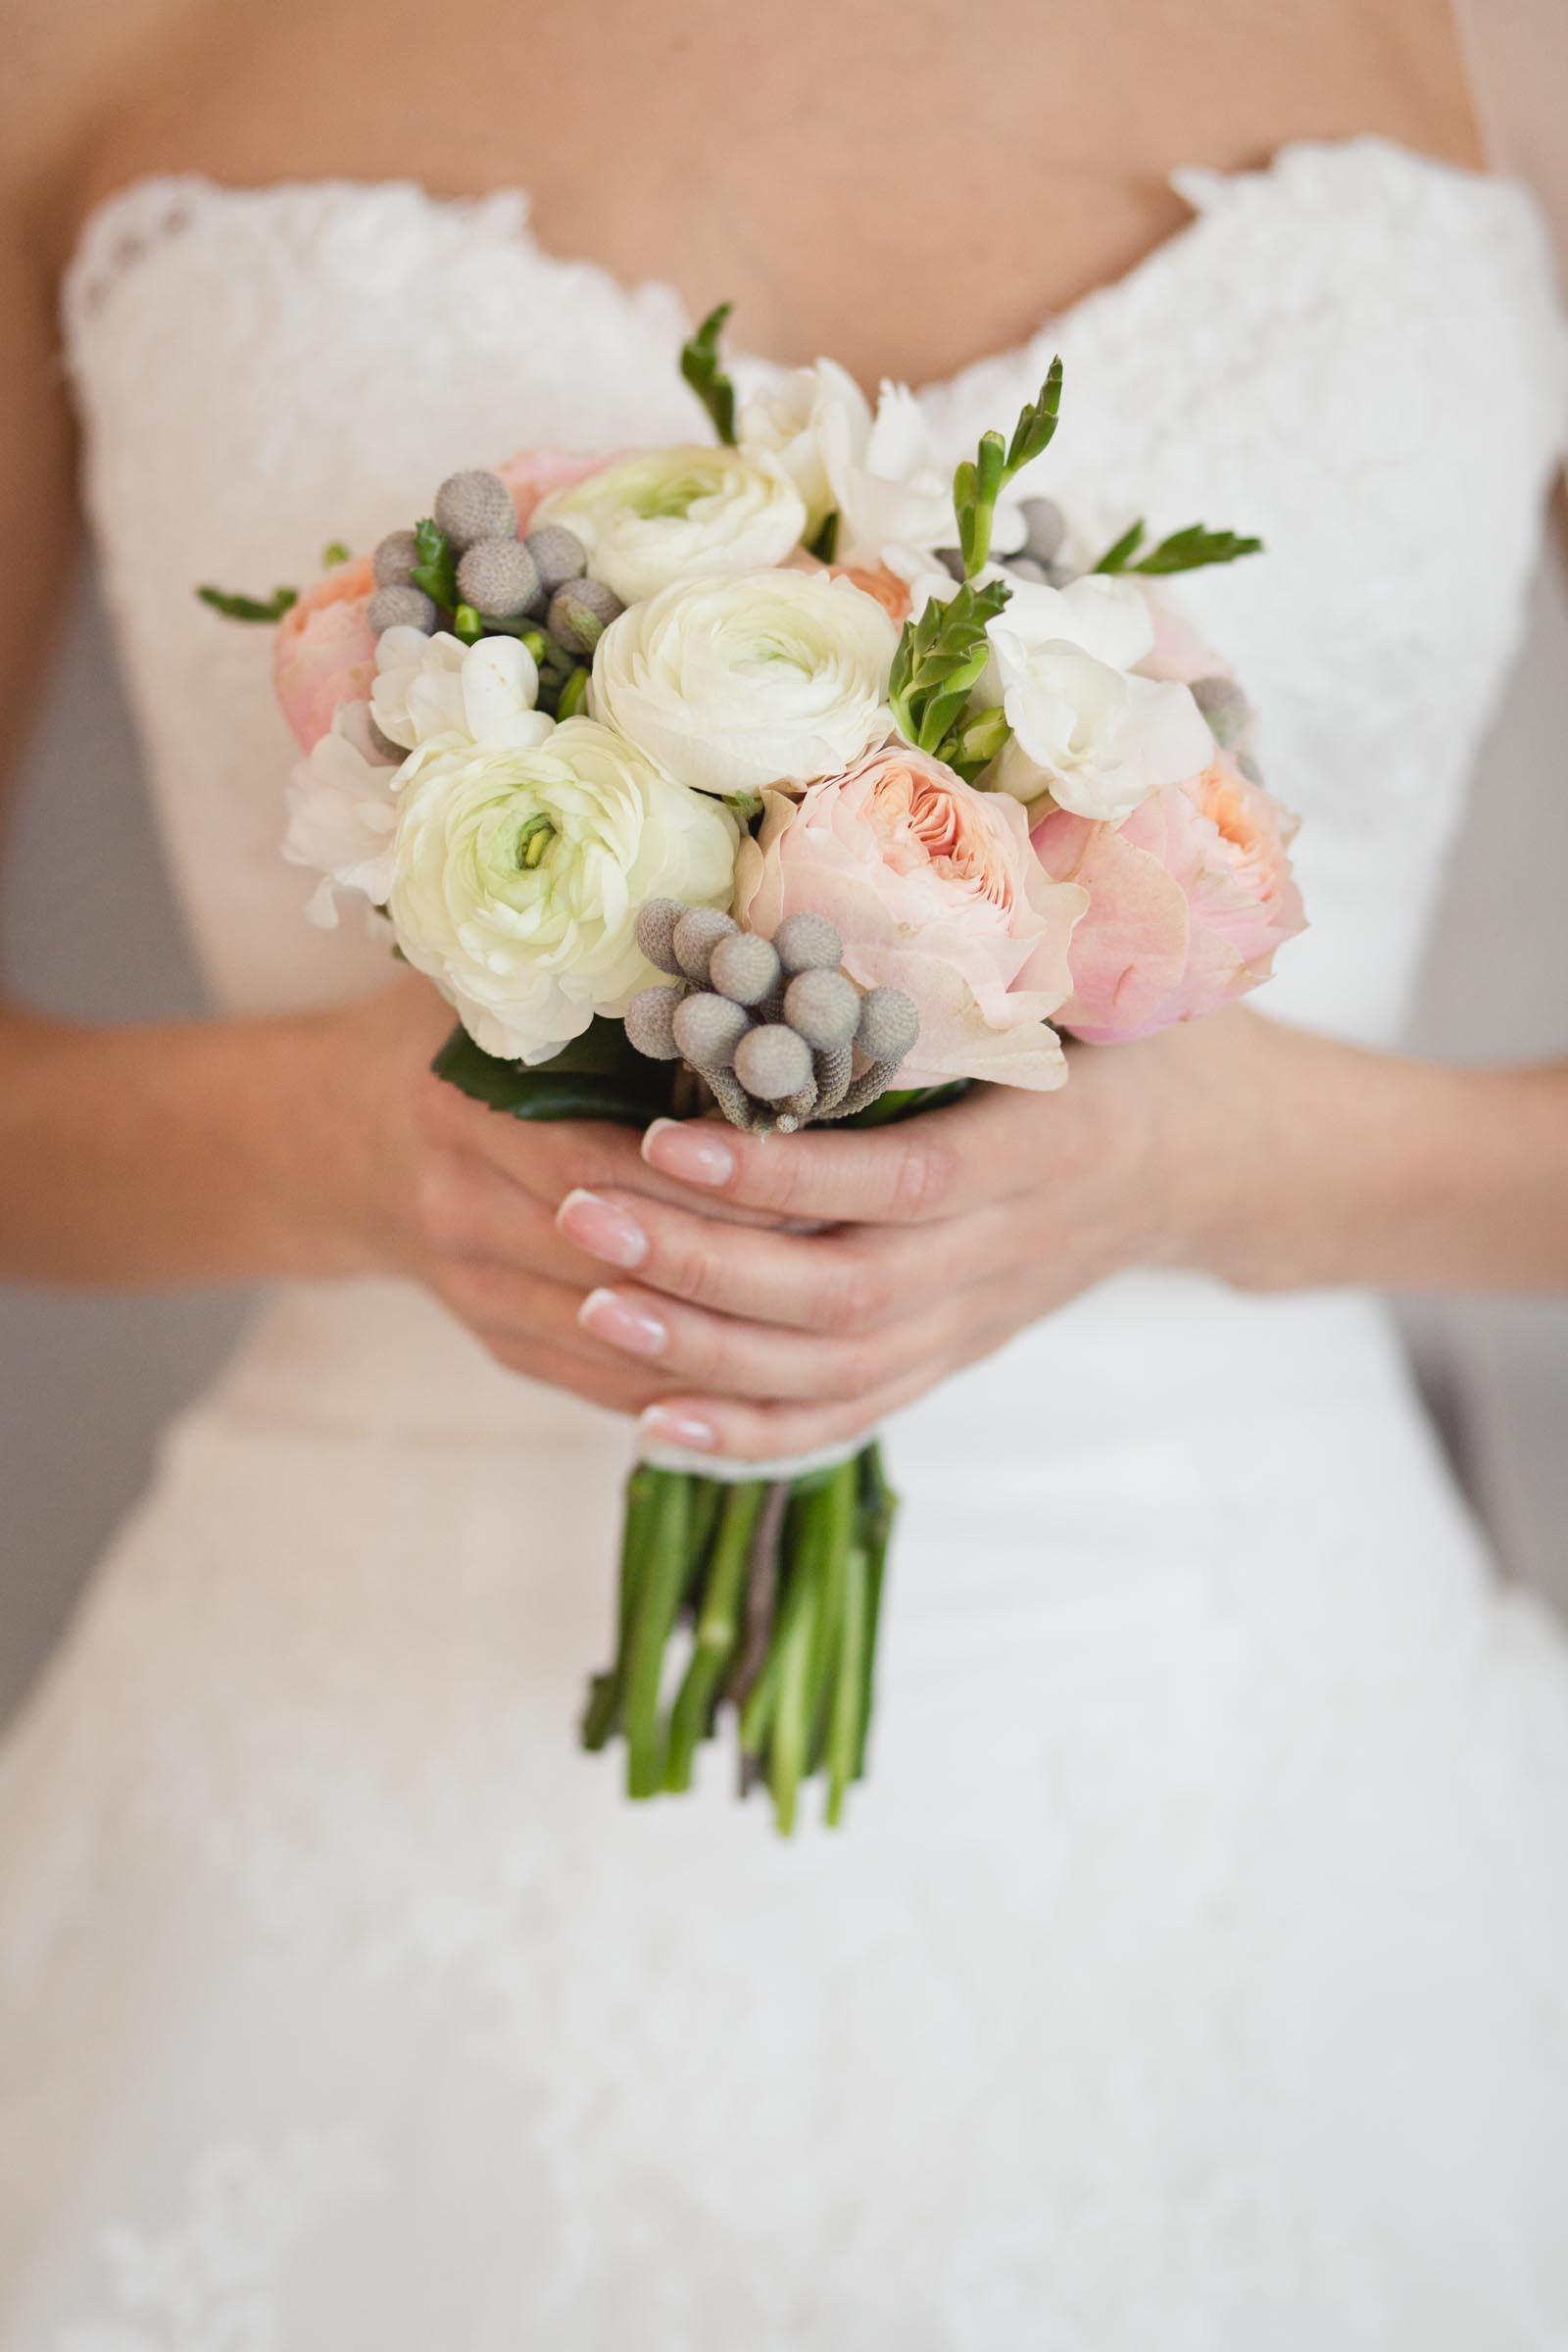 Brautstrau pastell mit Rosen  Heiraten mit brautde